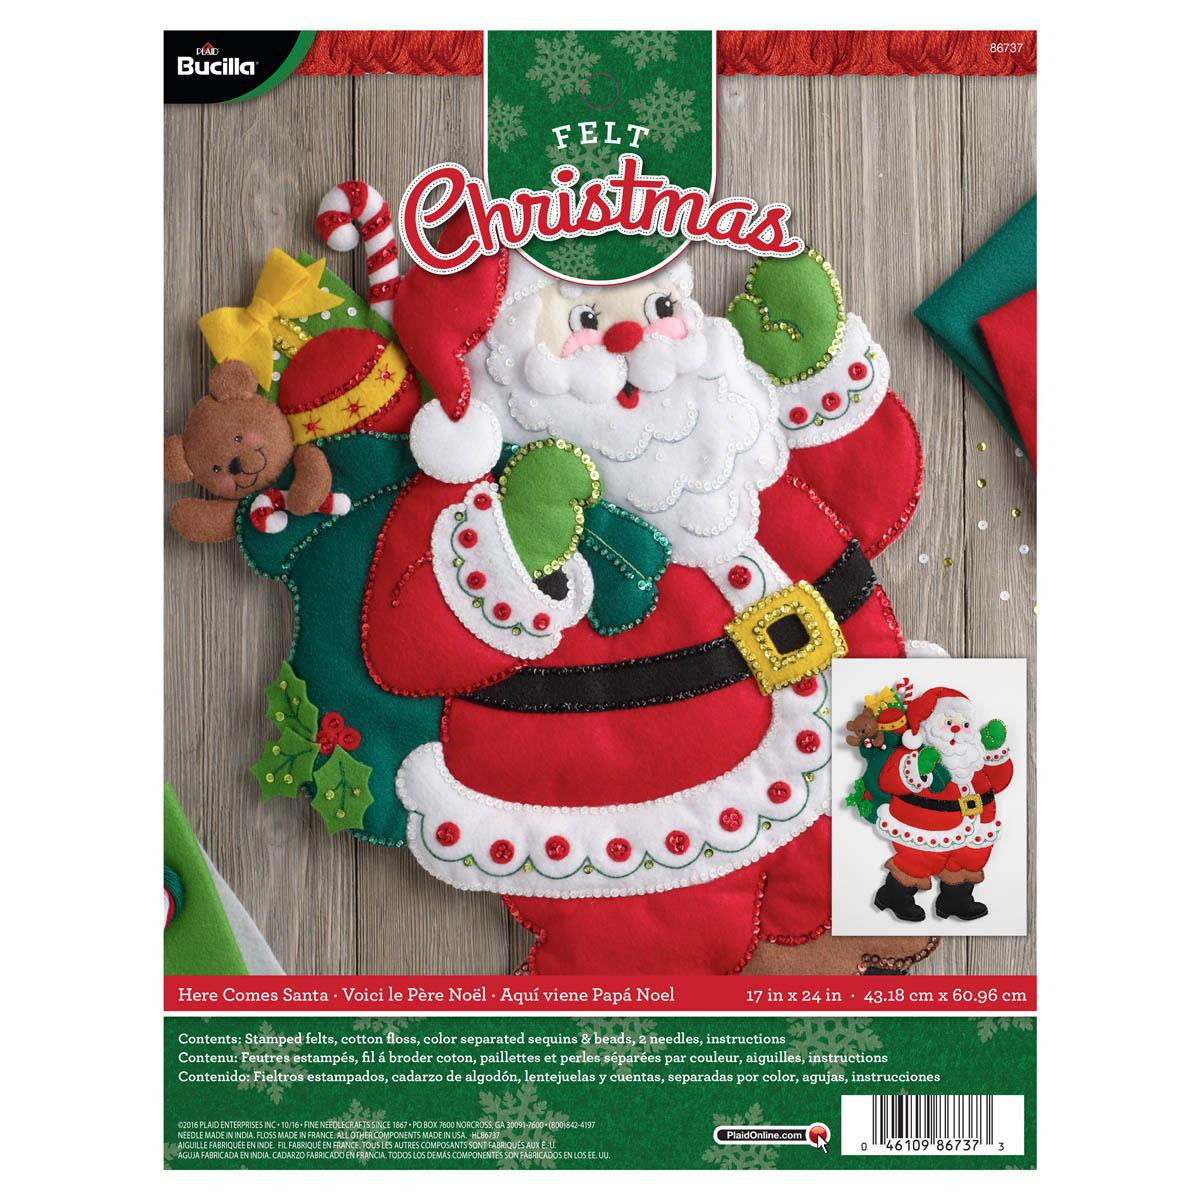 Bucilla ® Seasonal - Felt - Home Decor - Here Comes Santa Wall Hanging - 86737